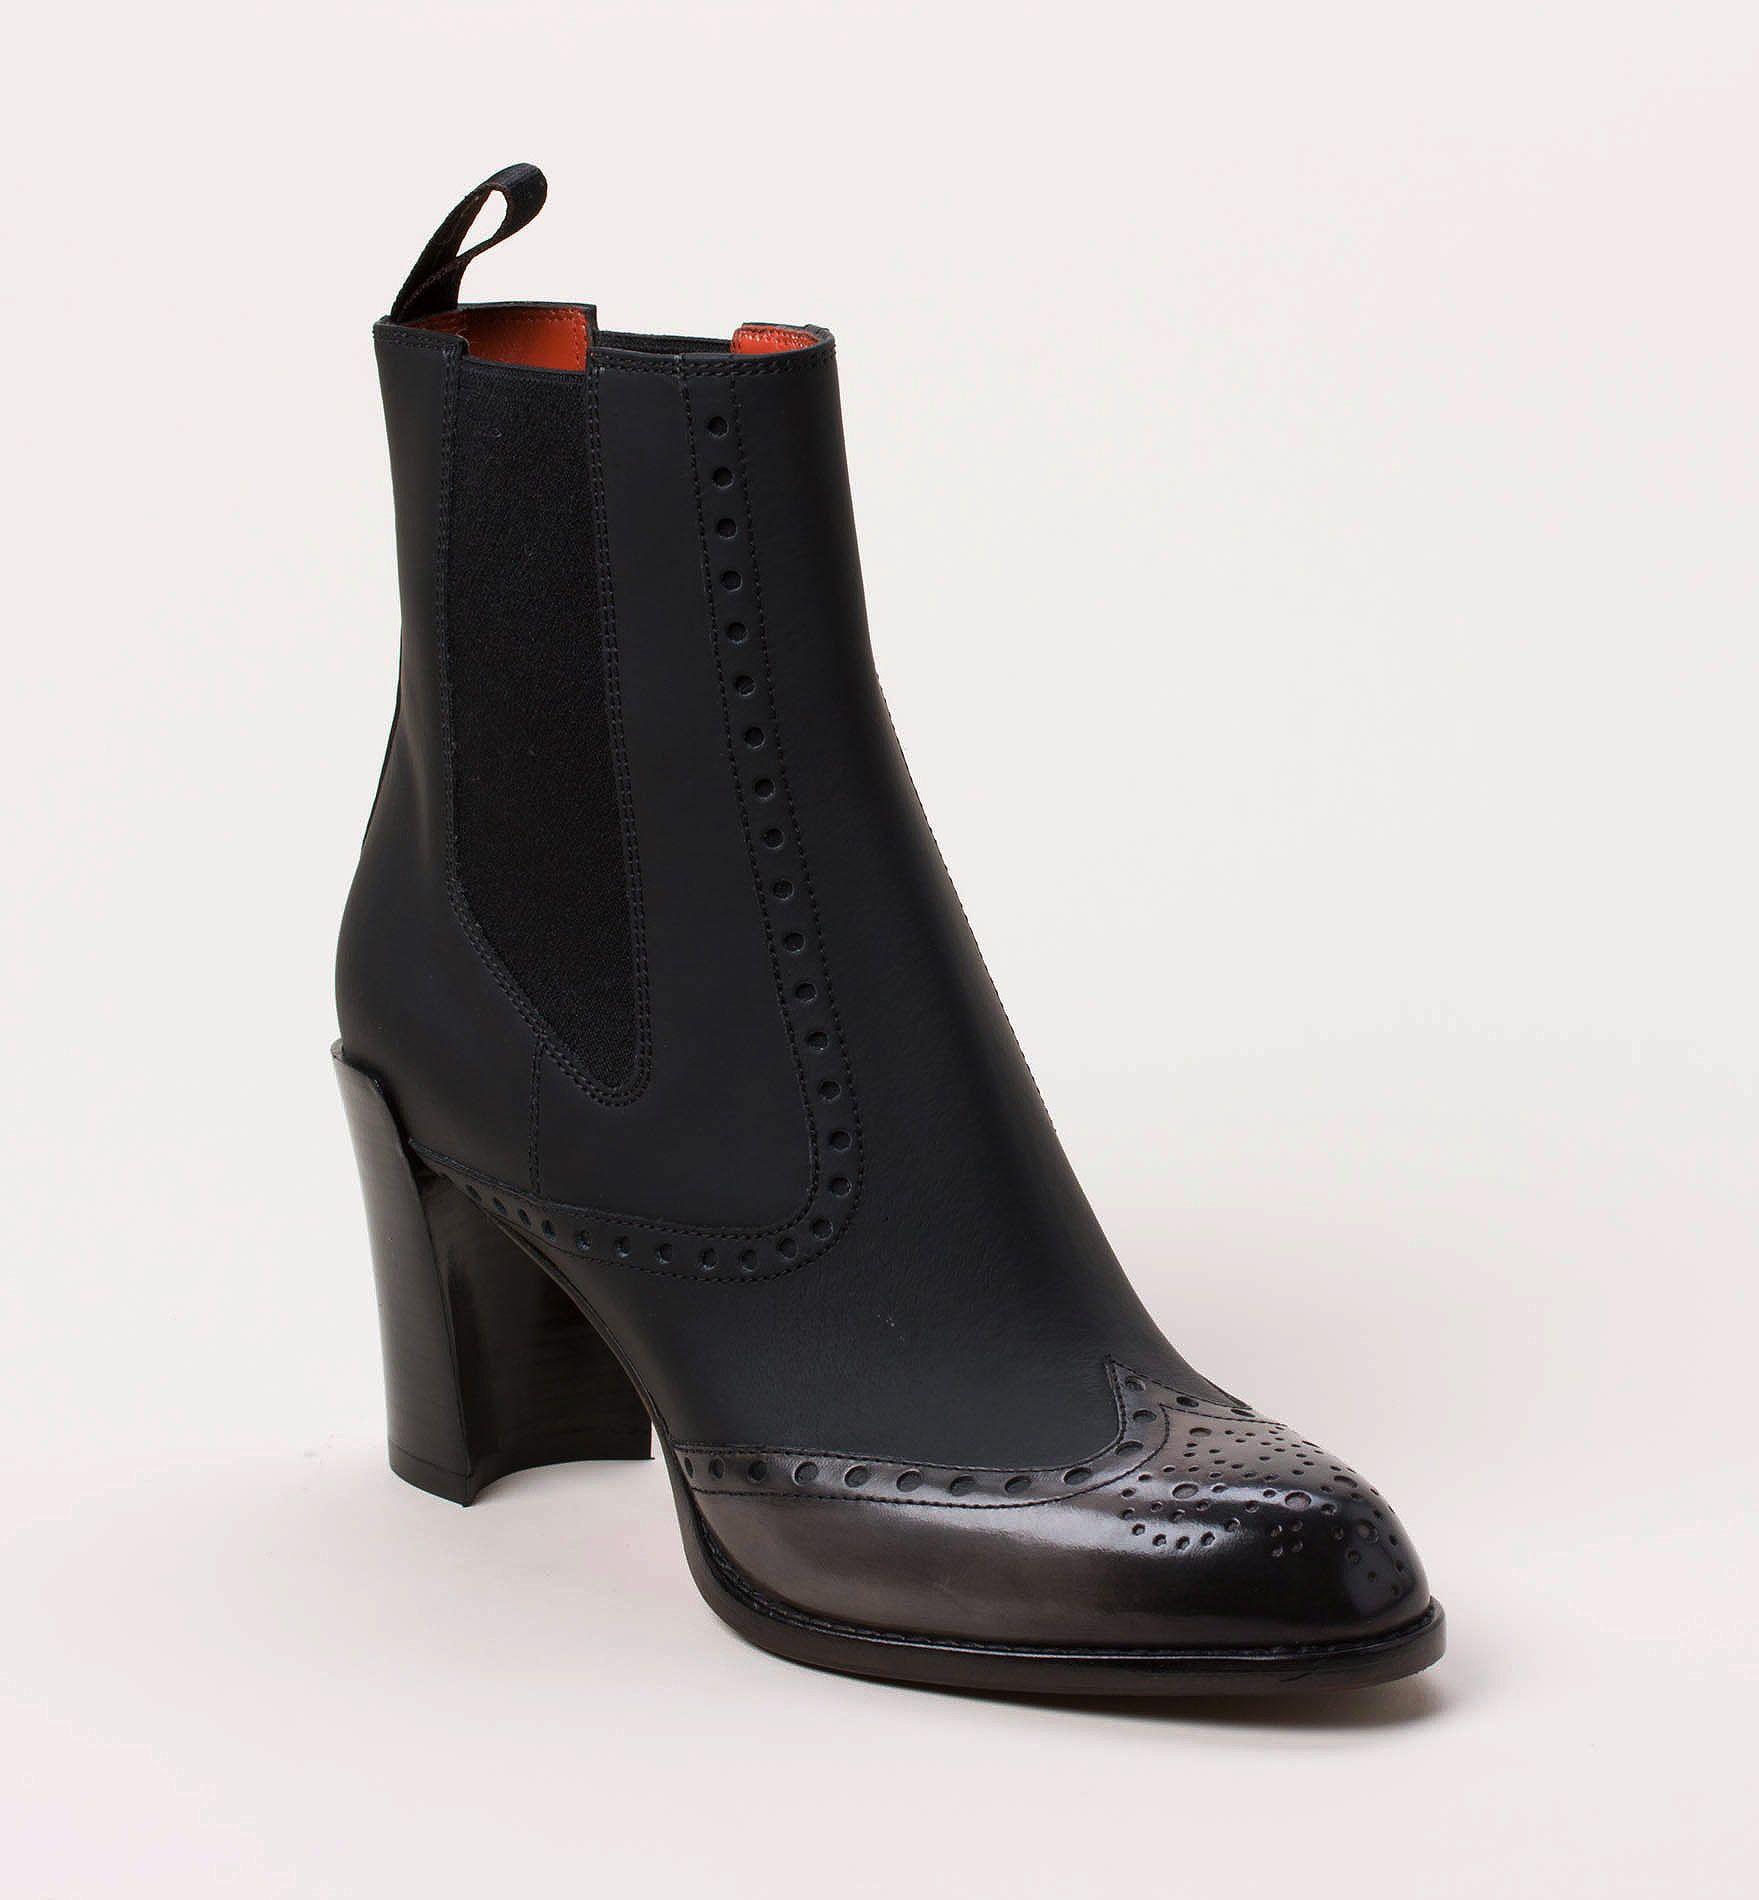 Ankle Boots Damenschuhe: günstig online bei GALERIA